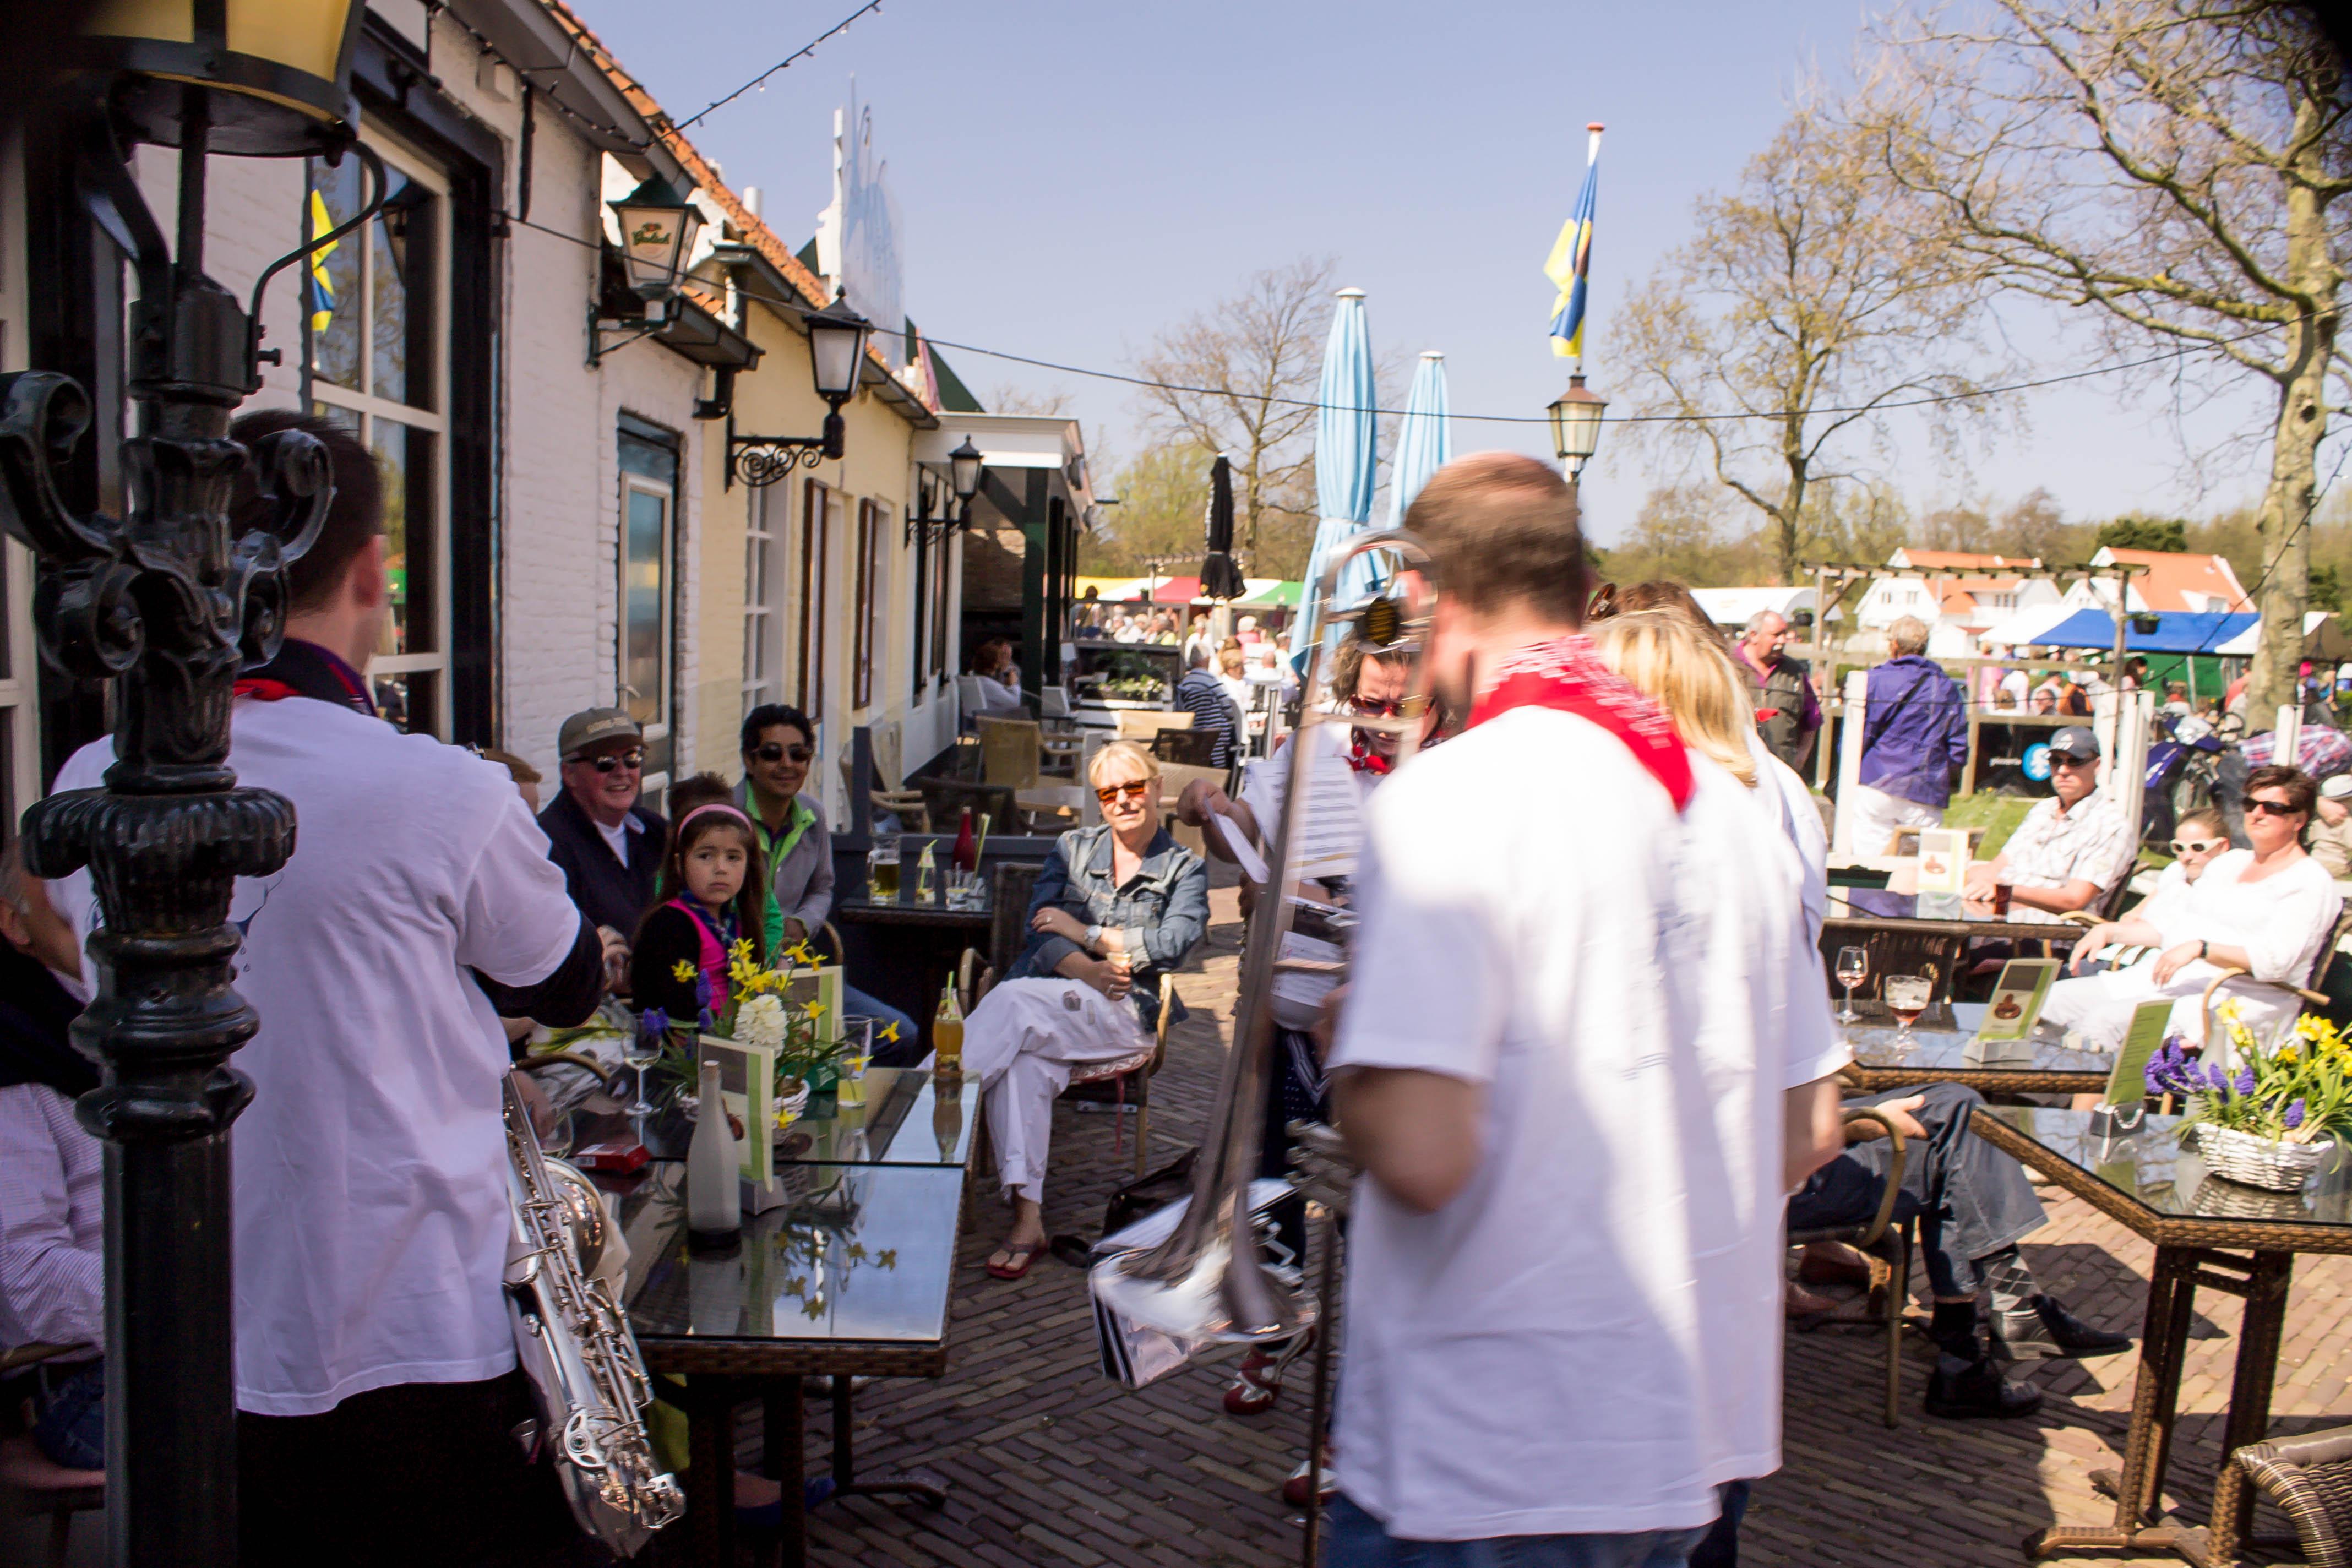 Optreden Dweilband markt Westenschouwen 2013